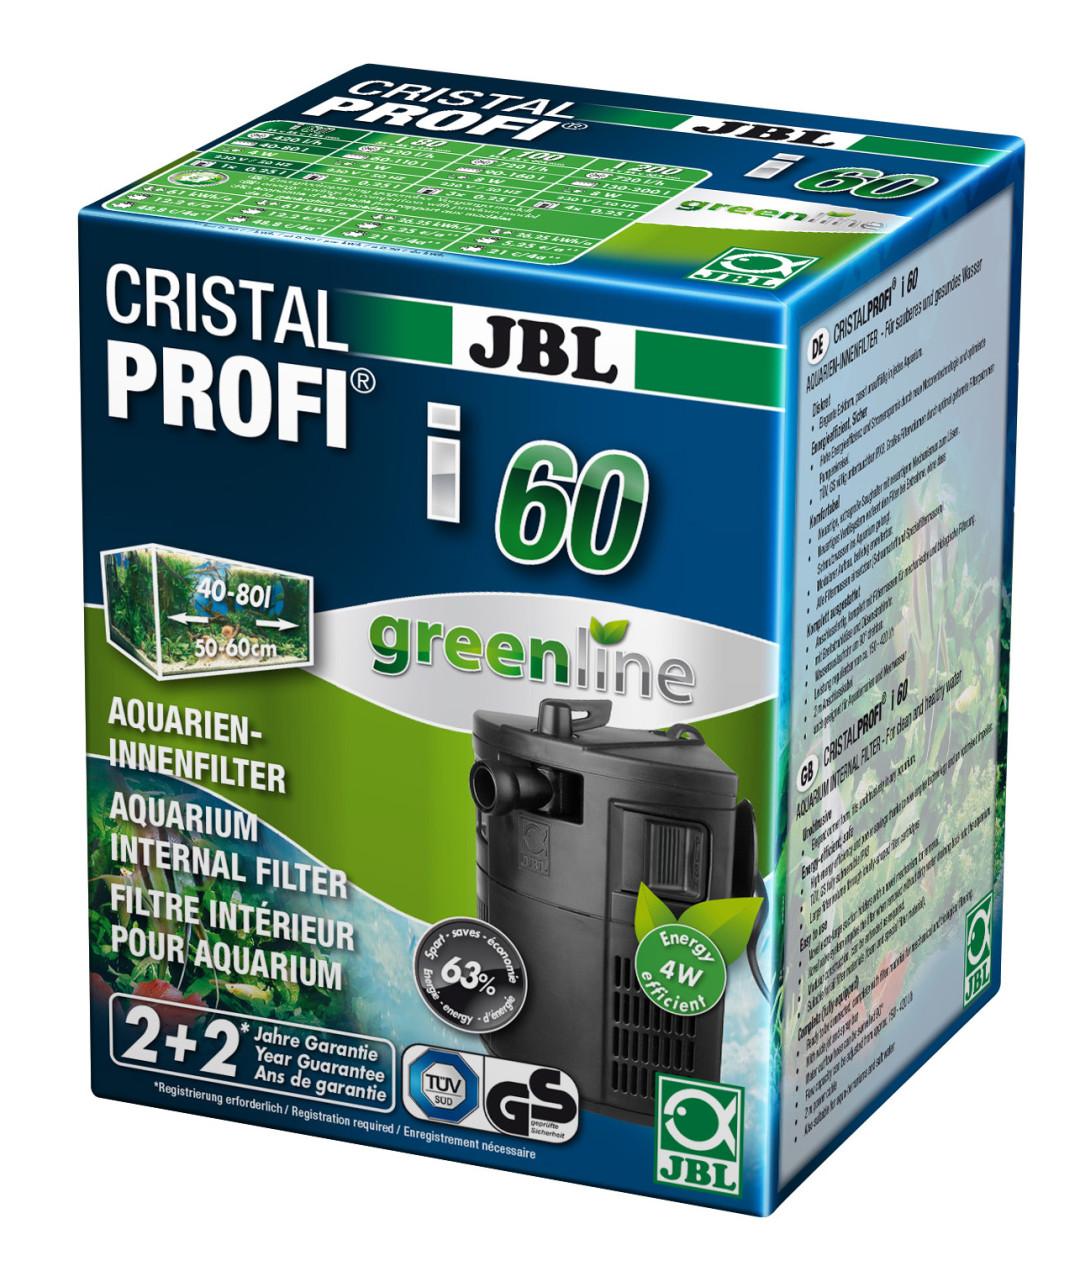 JBL binnenfilter CristalProfi i60 greenline